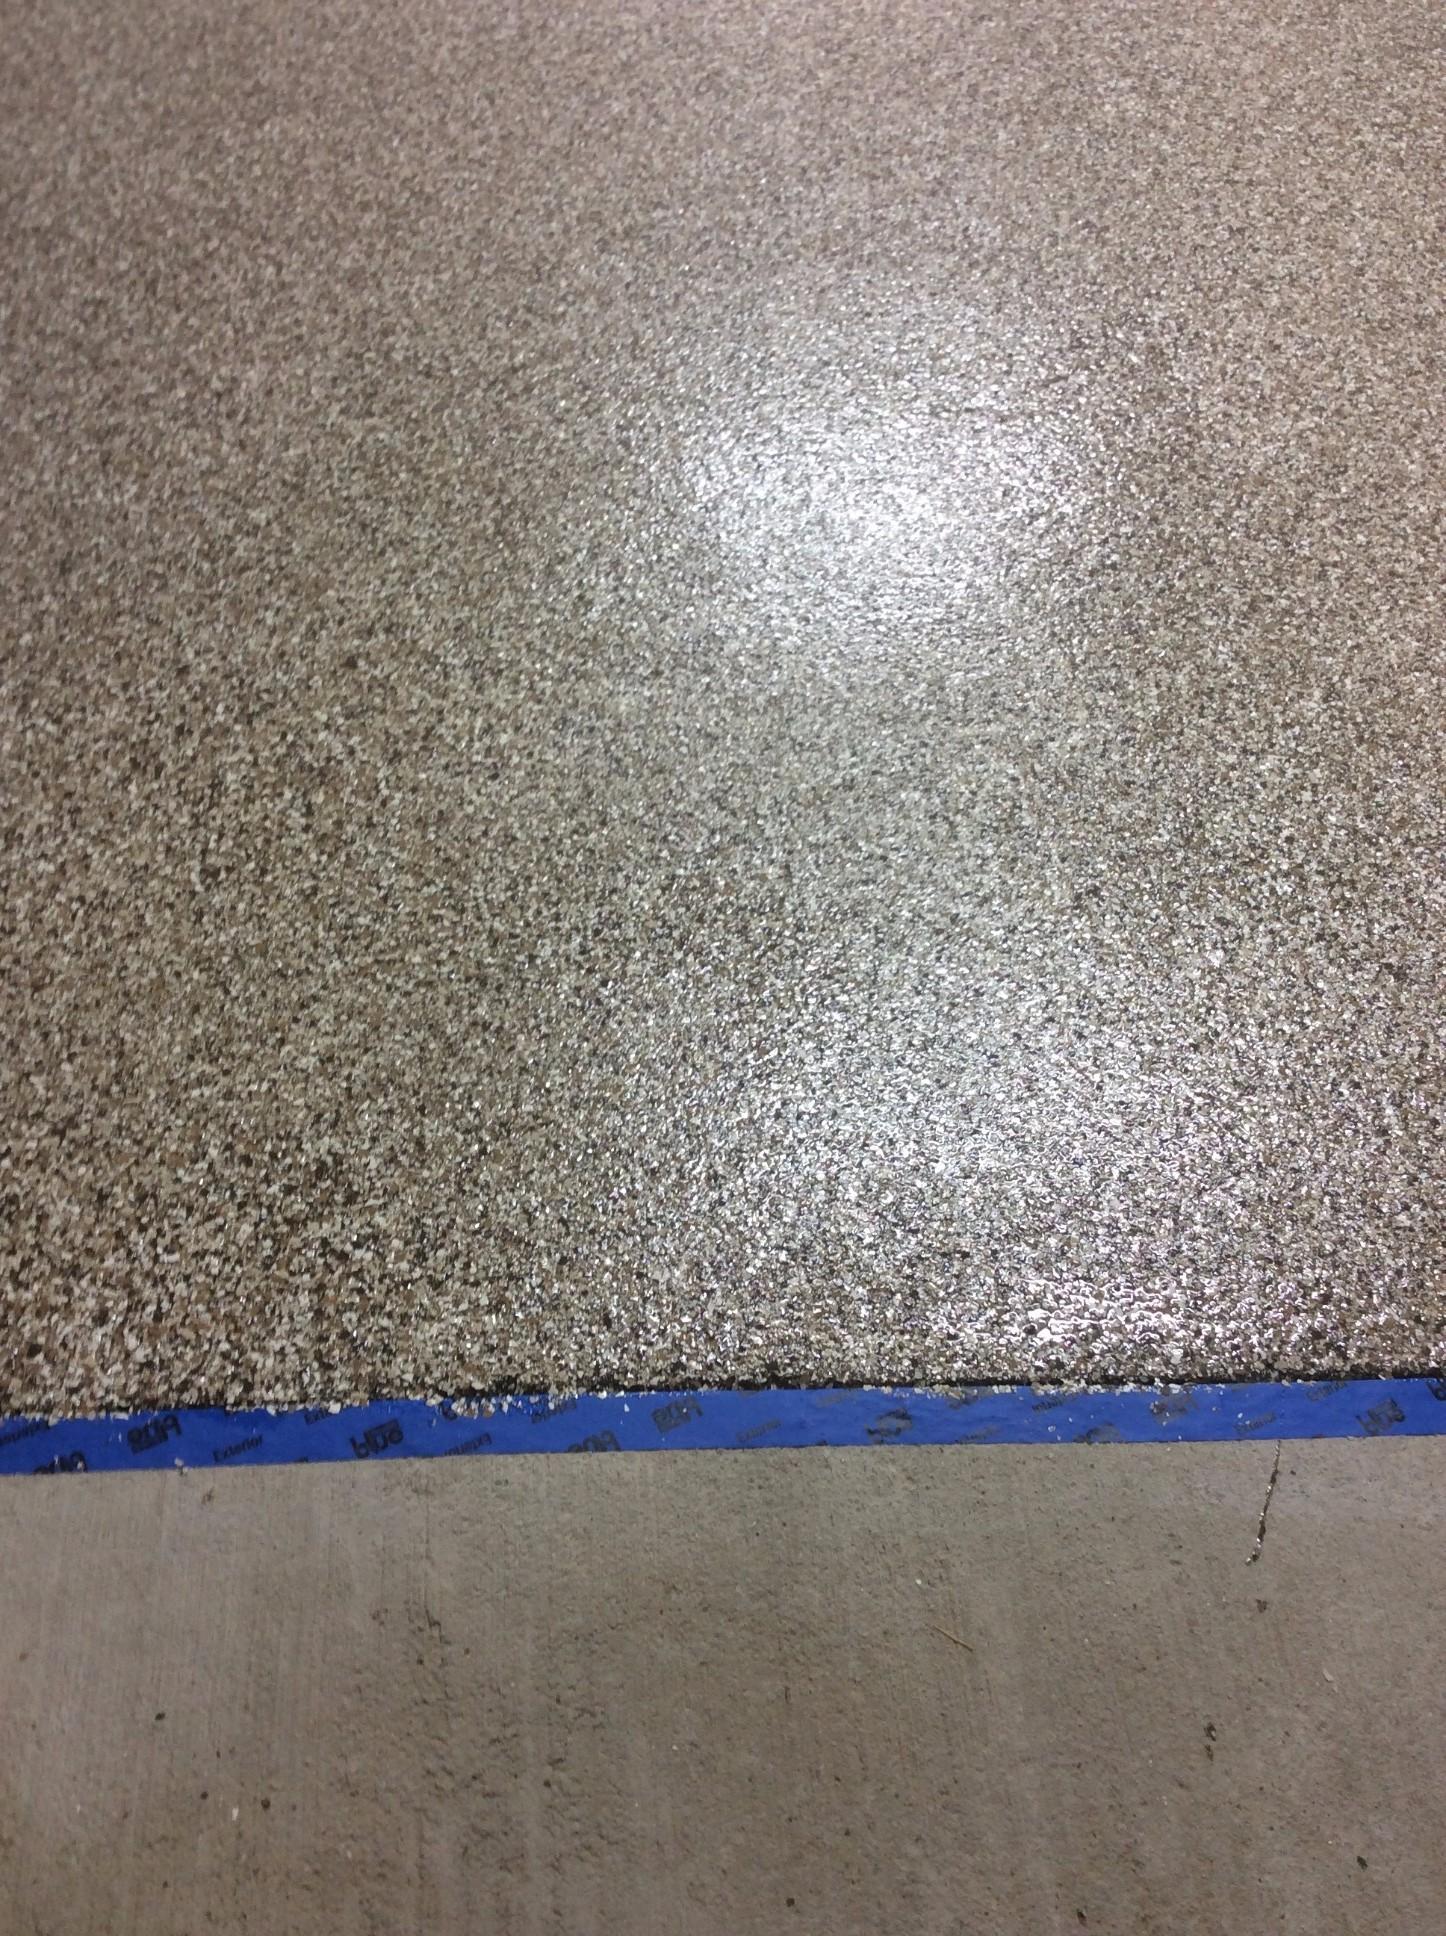 Epoxy Flooring Gallery Northwest Decorative Concrete